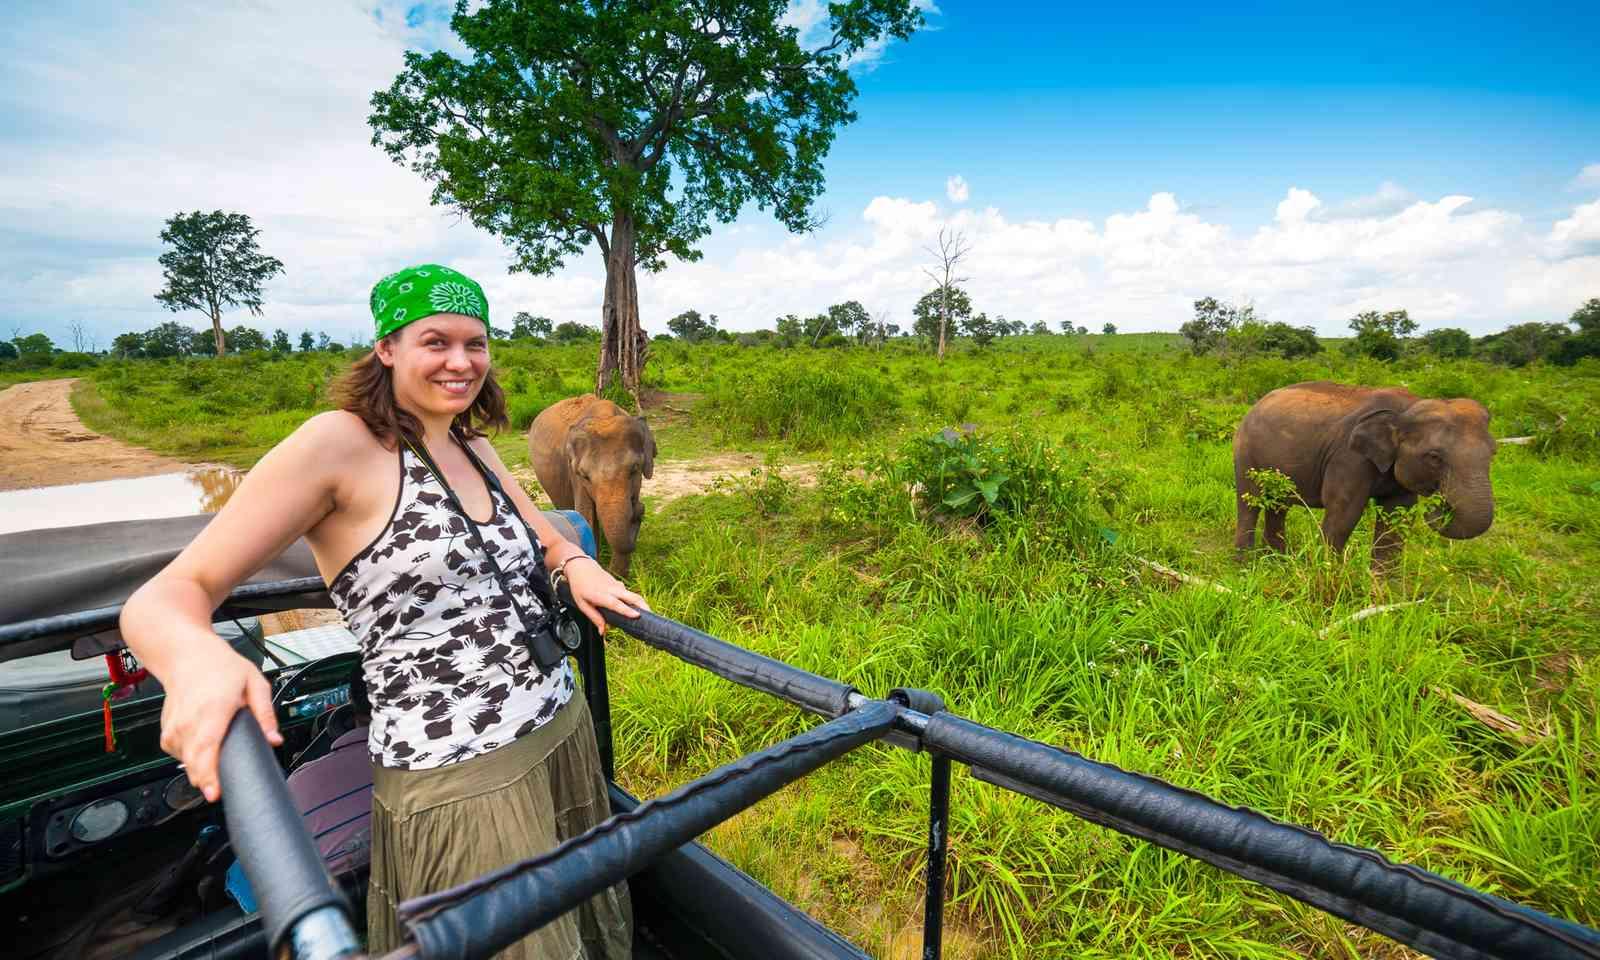 Observing elephants in Sri Lanka (Dreamstime)